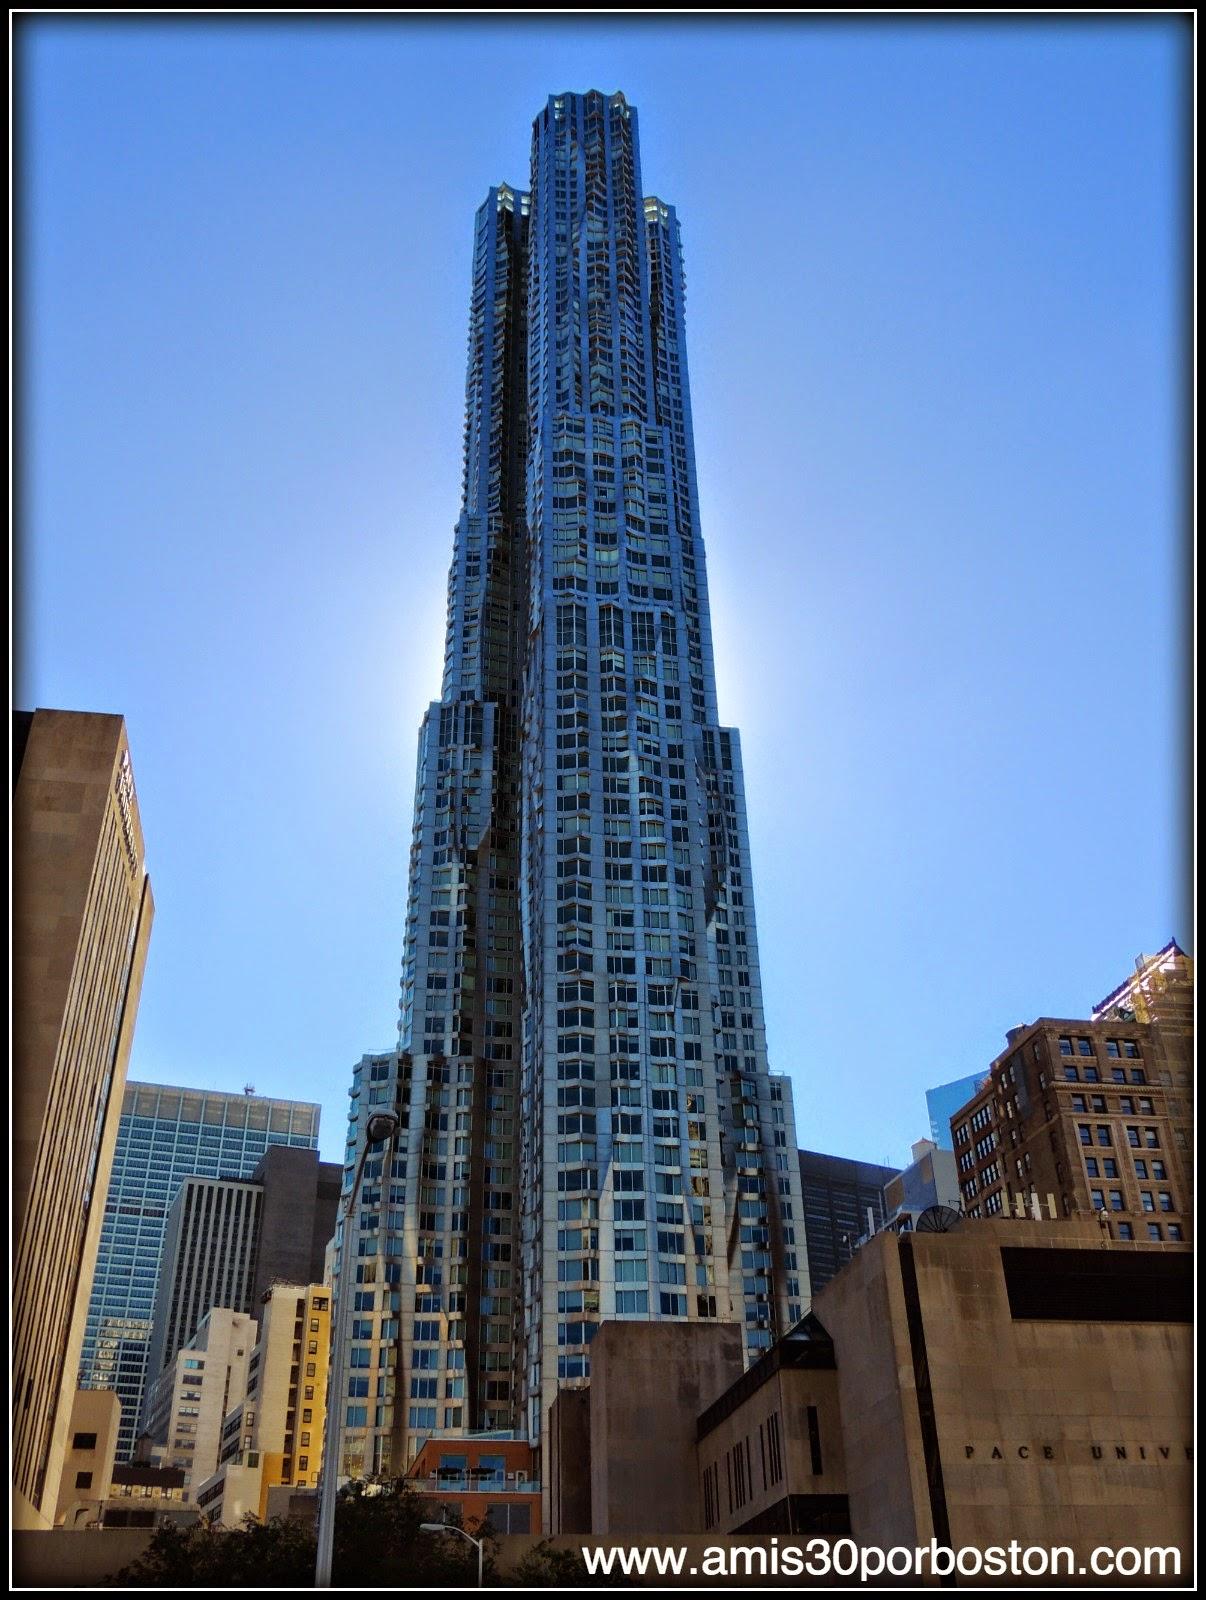 Segunda Visita a Nueva York: 8 Spruce Street